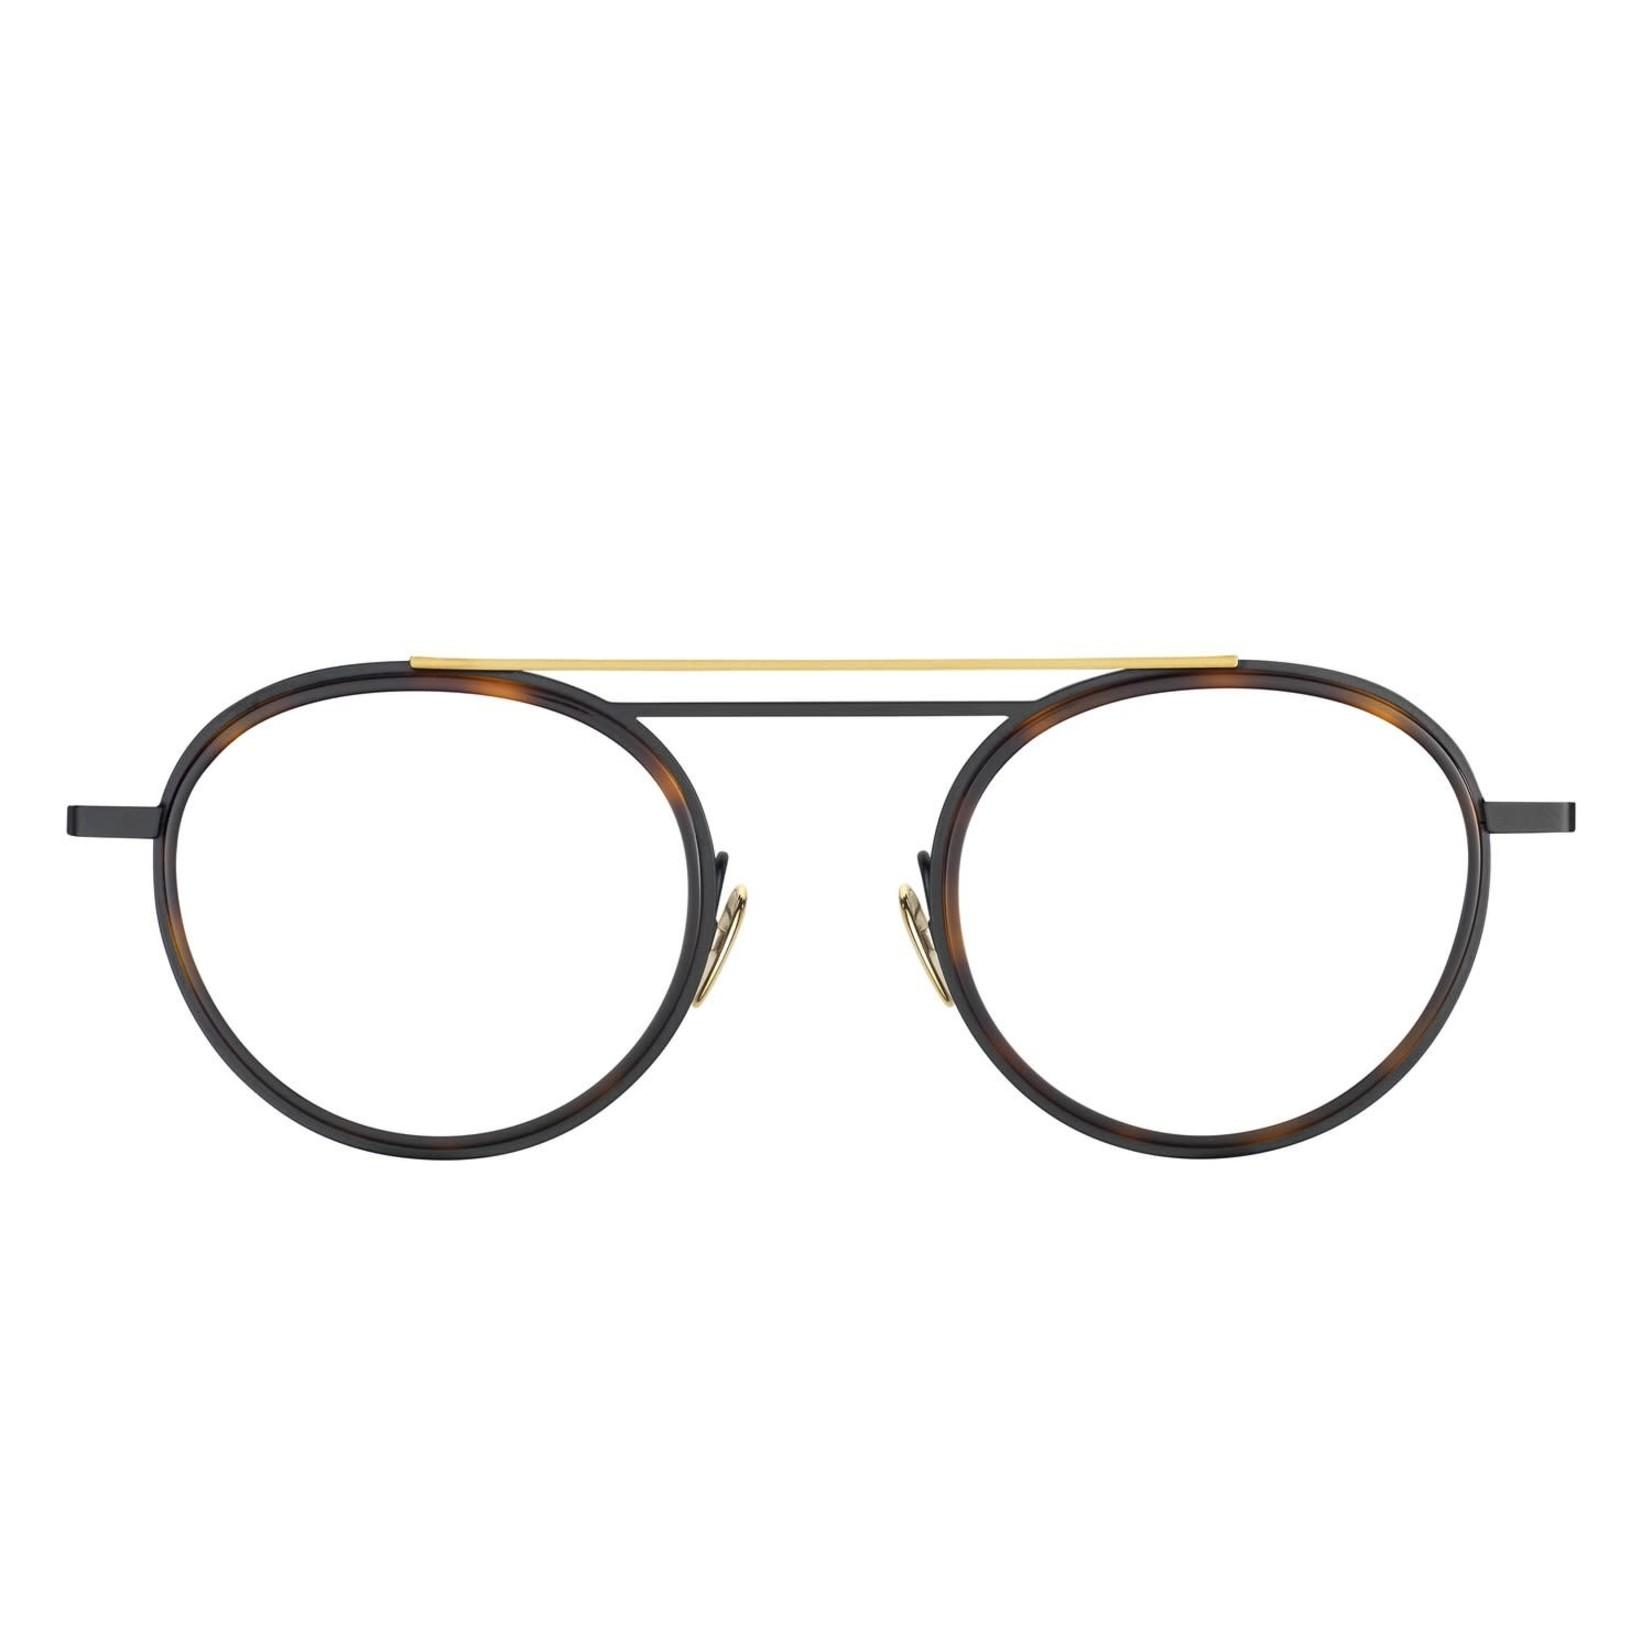 La Petite Lunette Eyewear LPLR Bojs